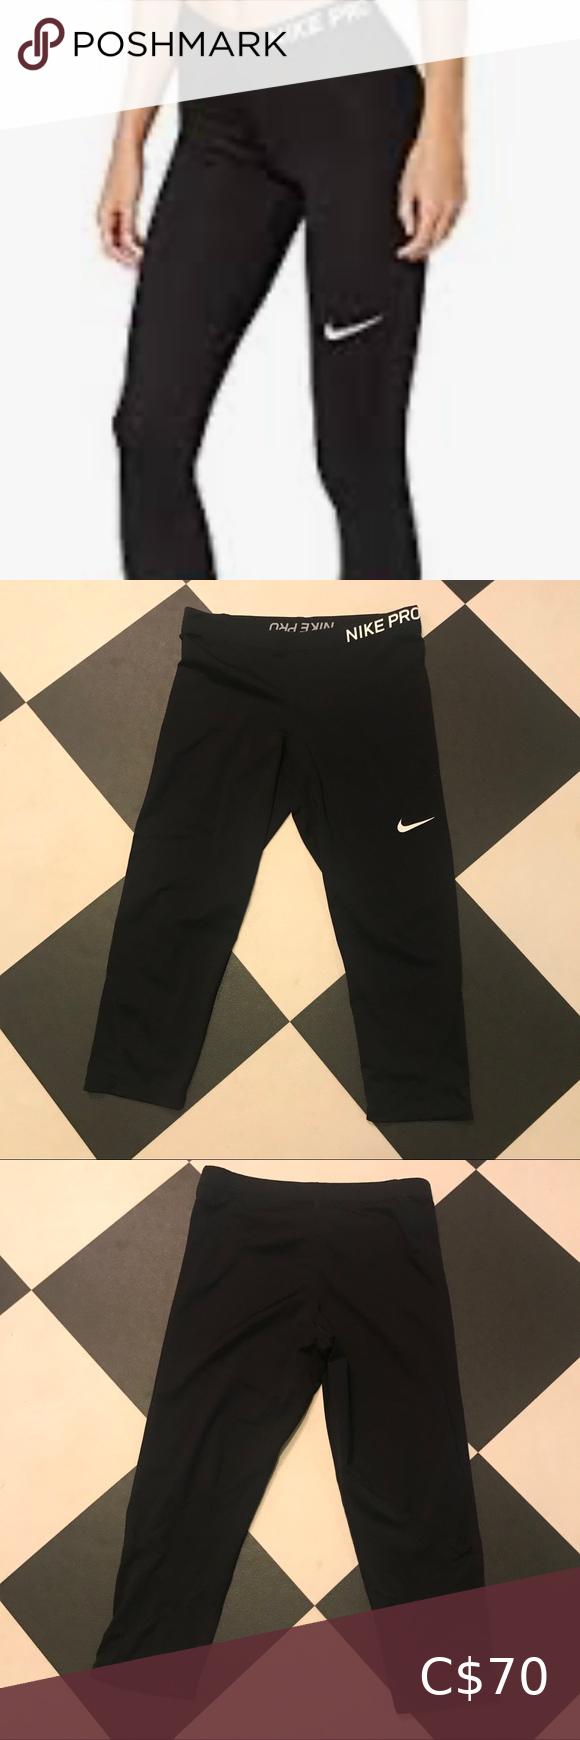 Nike Pro Dri-Fit Black | Pants for women, Nike pros, Dri fit